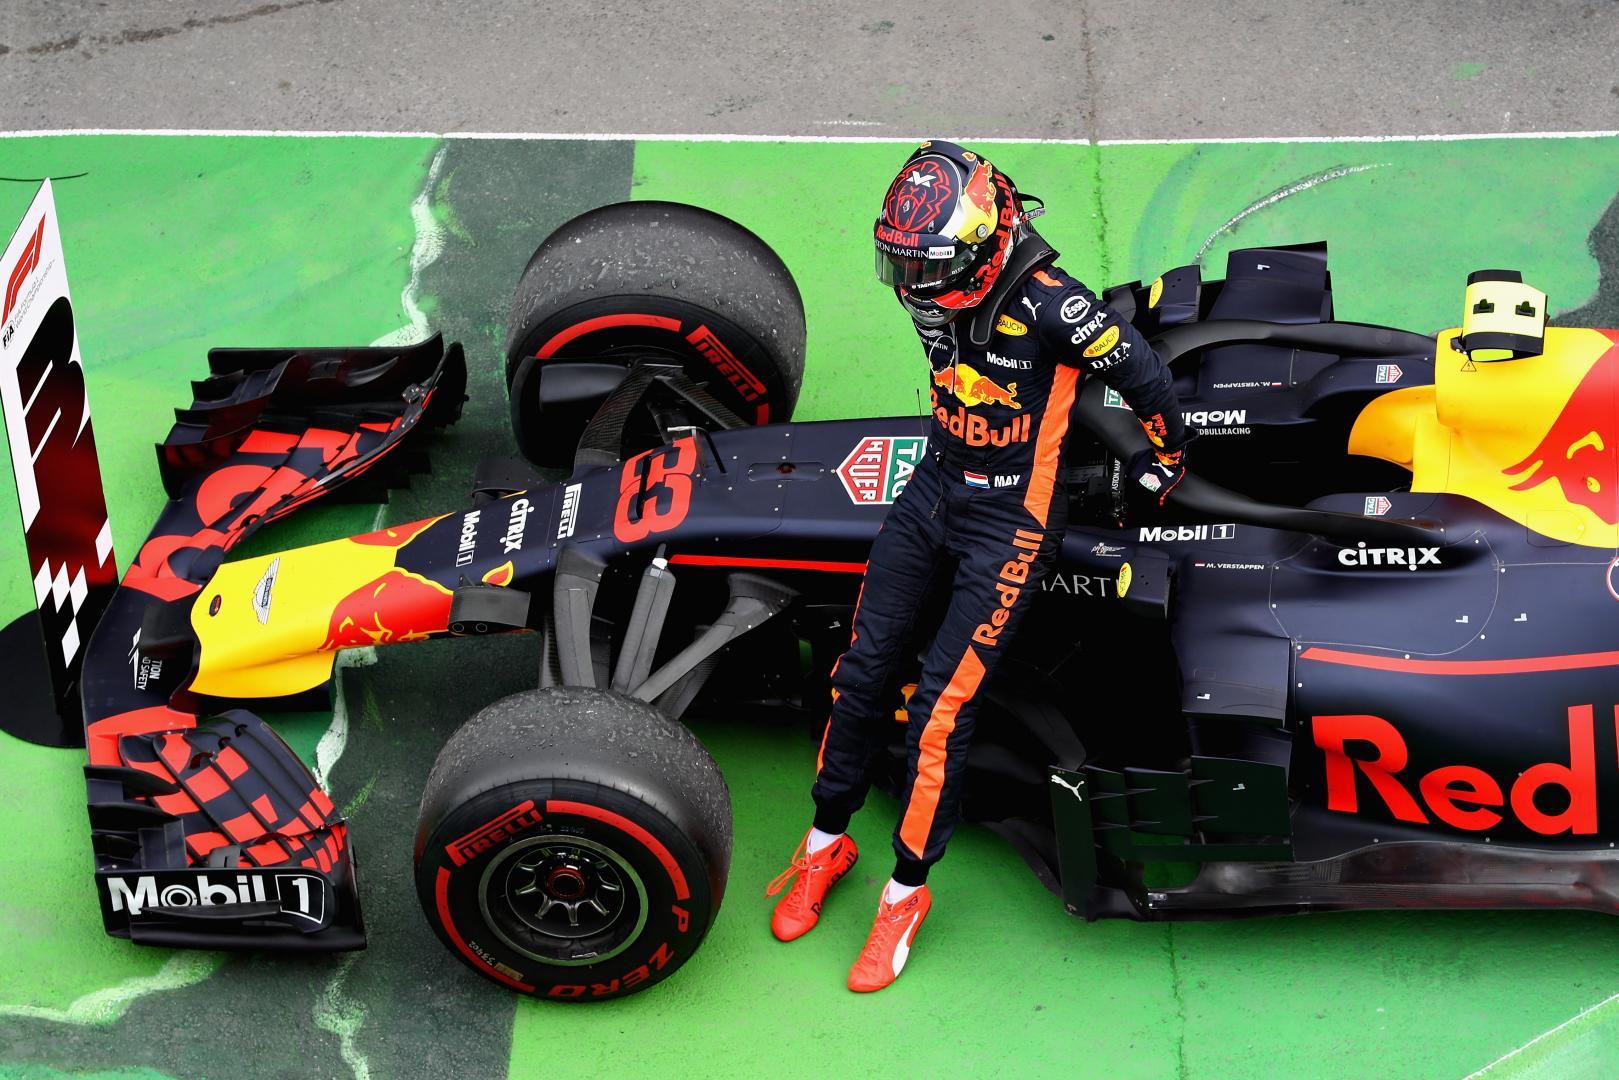 Red Bull Krijgt Honda Motoren In 2019 Formule 1 Topgear Nl